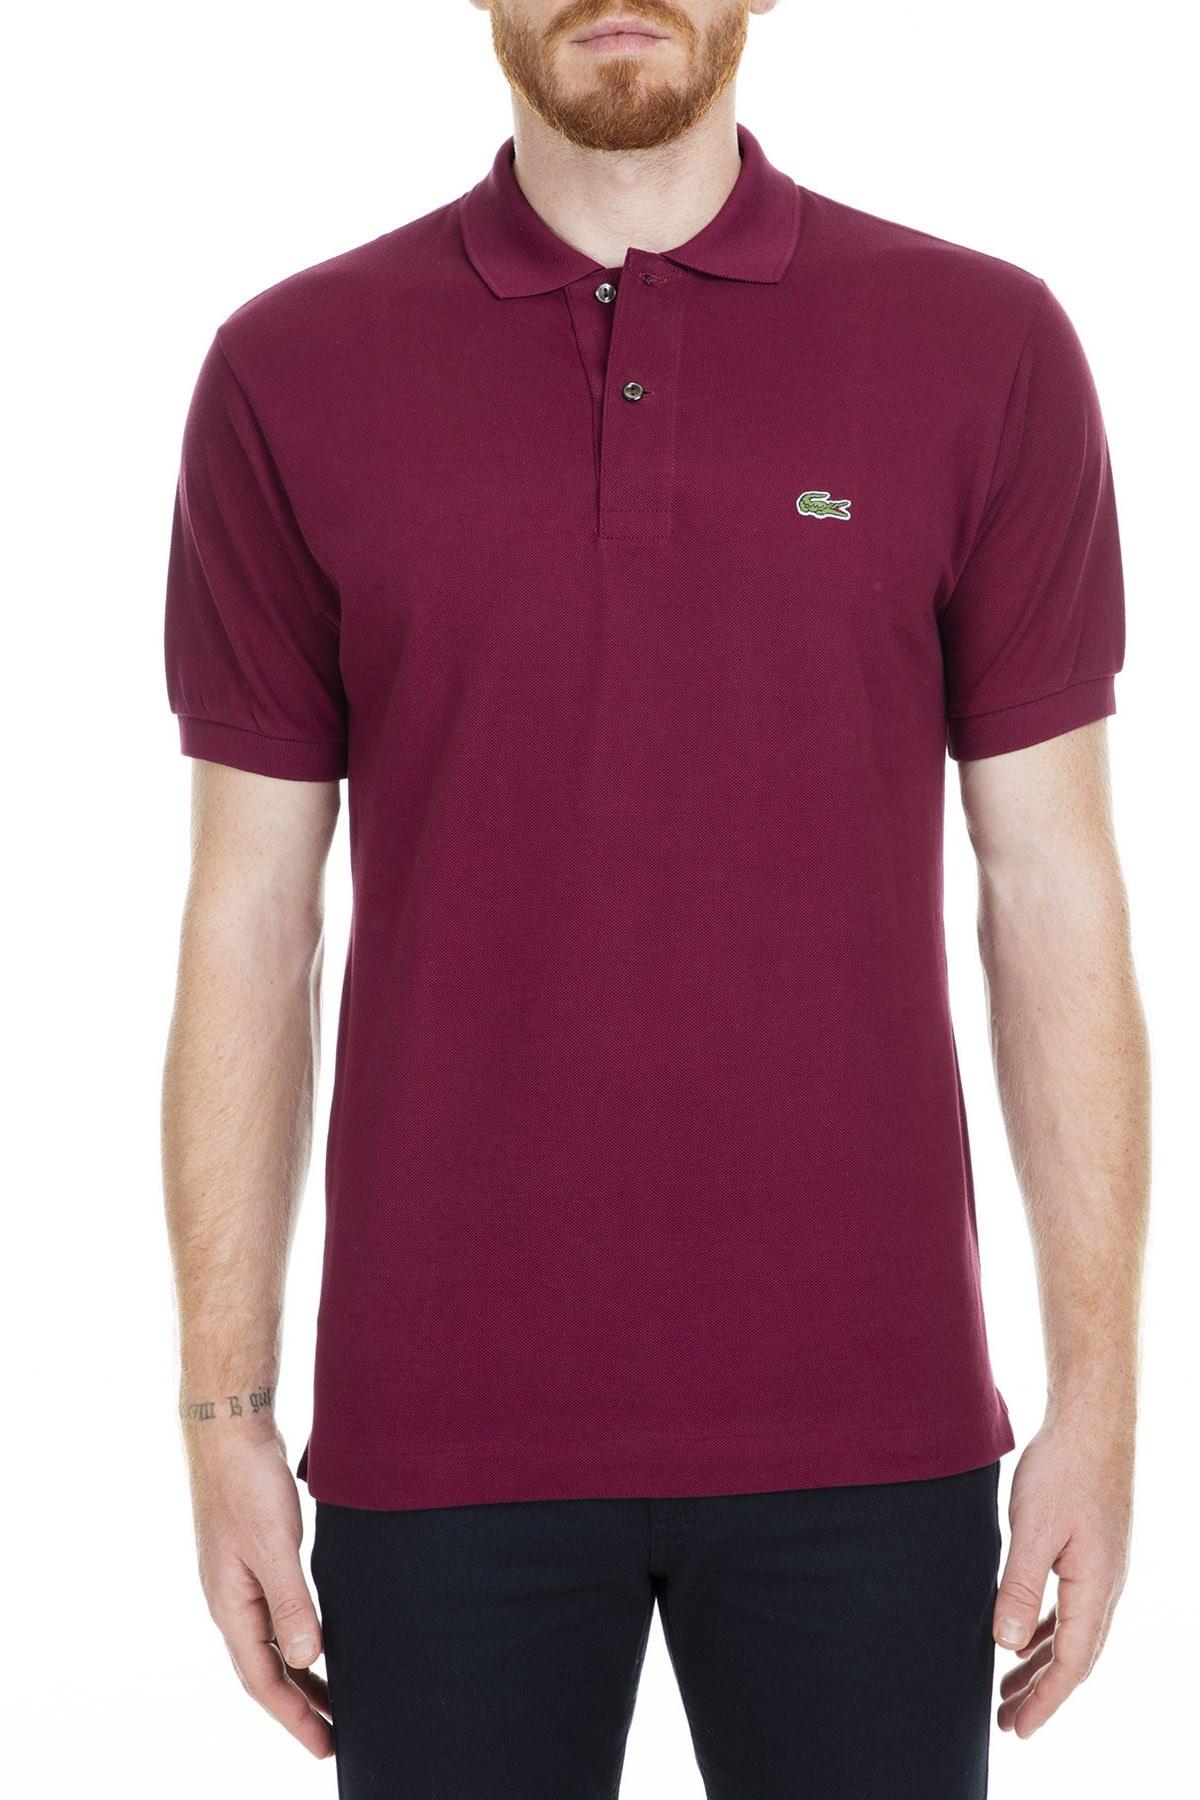 Lacoste Polo Erkek T Shirt L1212 DRD BORDO